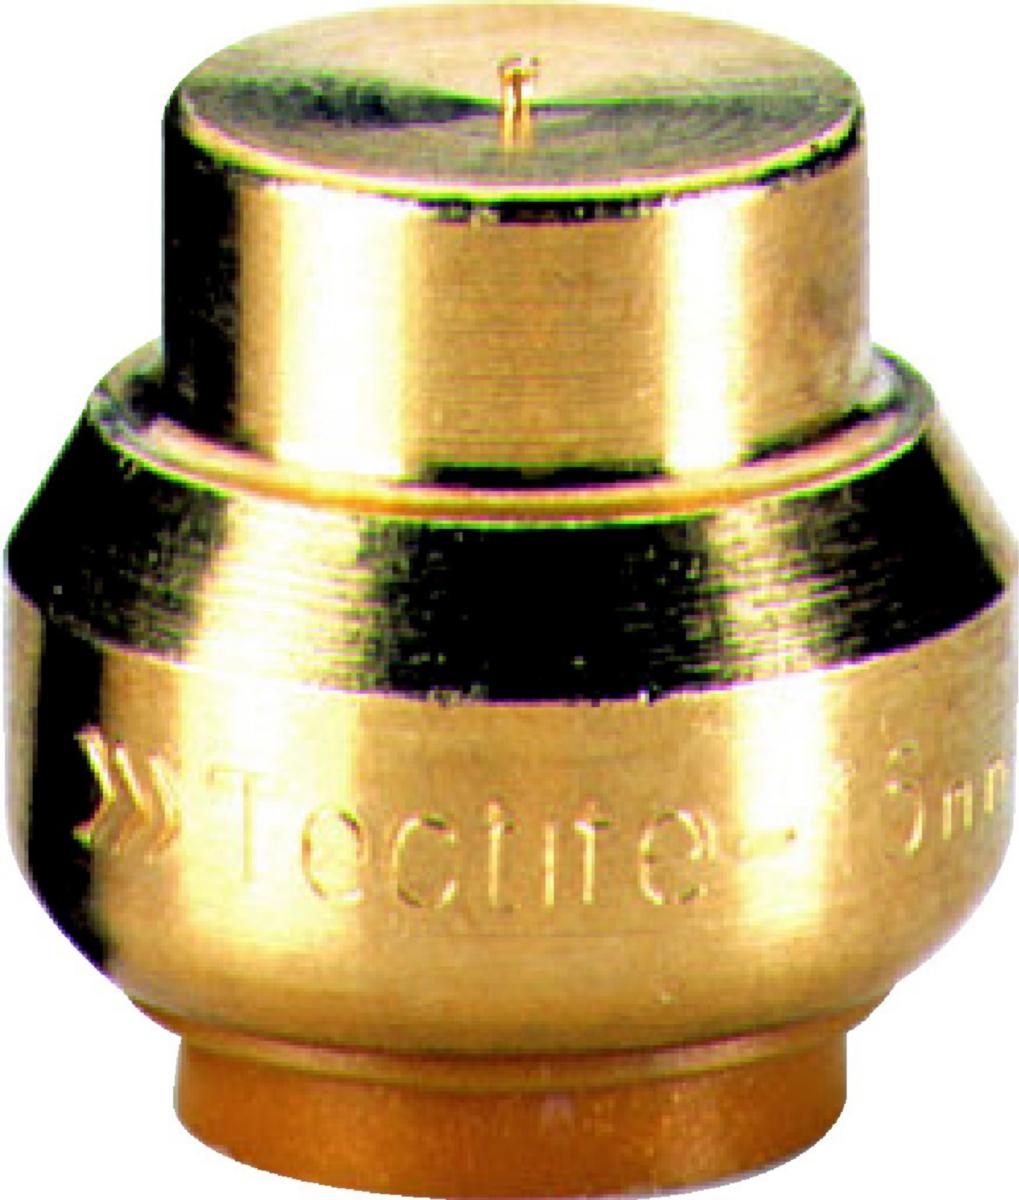 Bouchon Tectite Pour Cuivre Per Diamètre 12 Mm Comap T30112